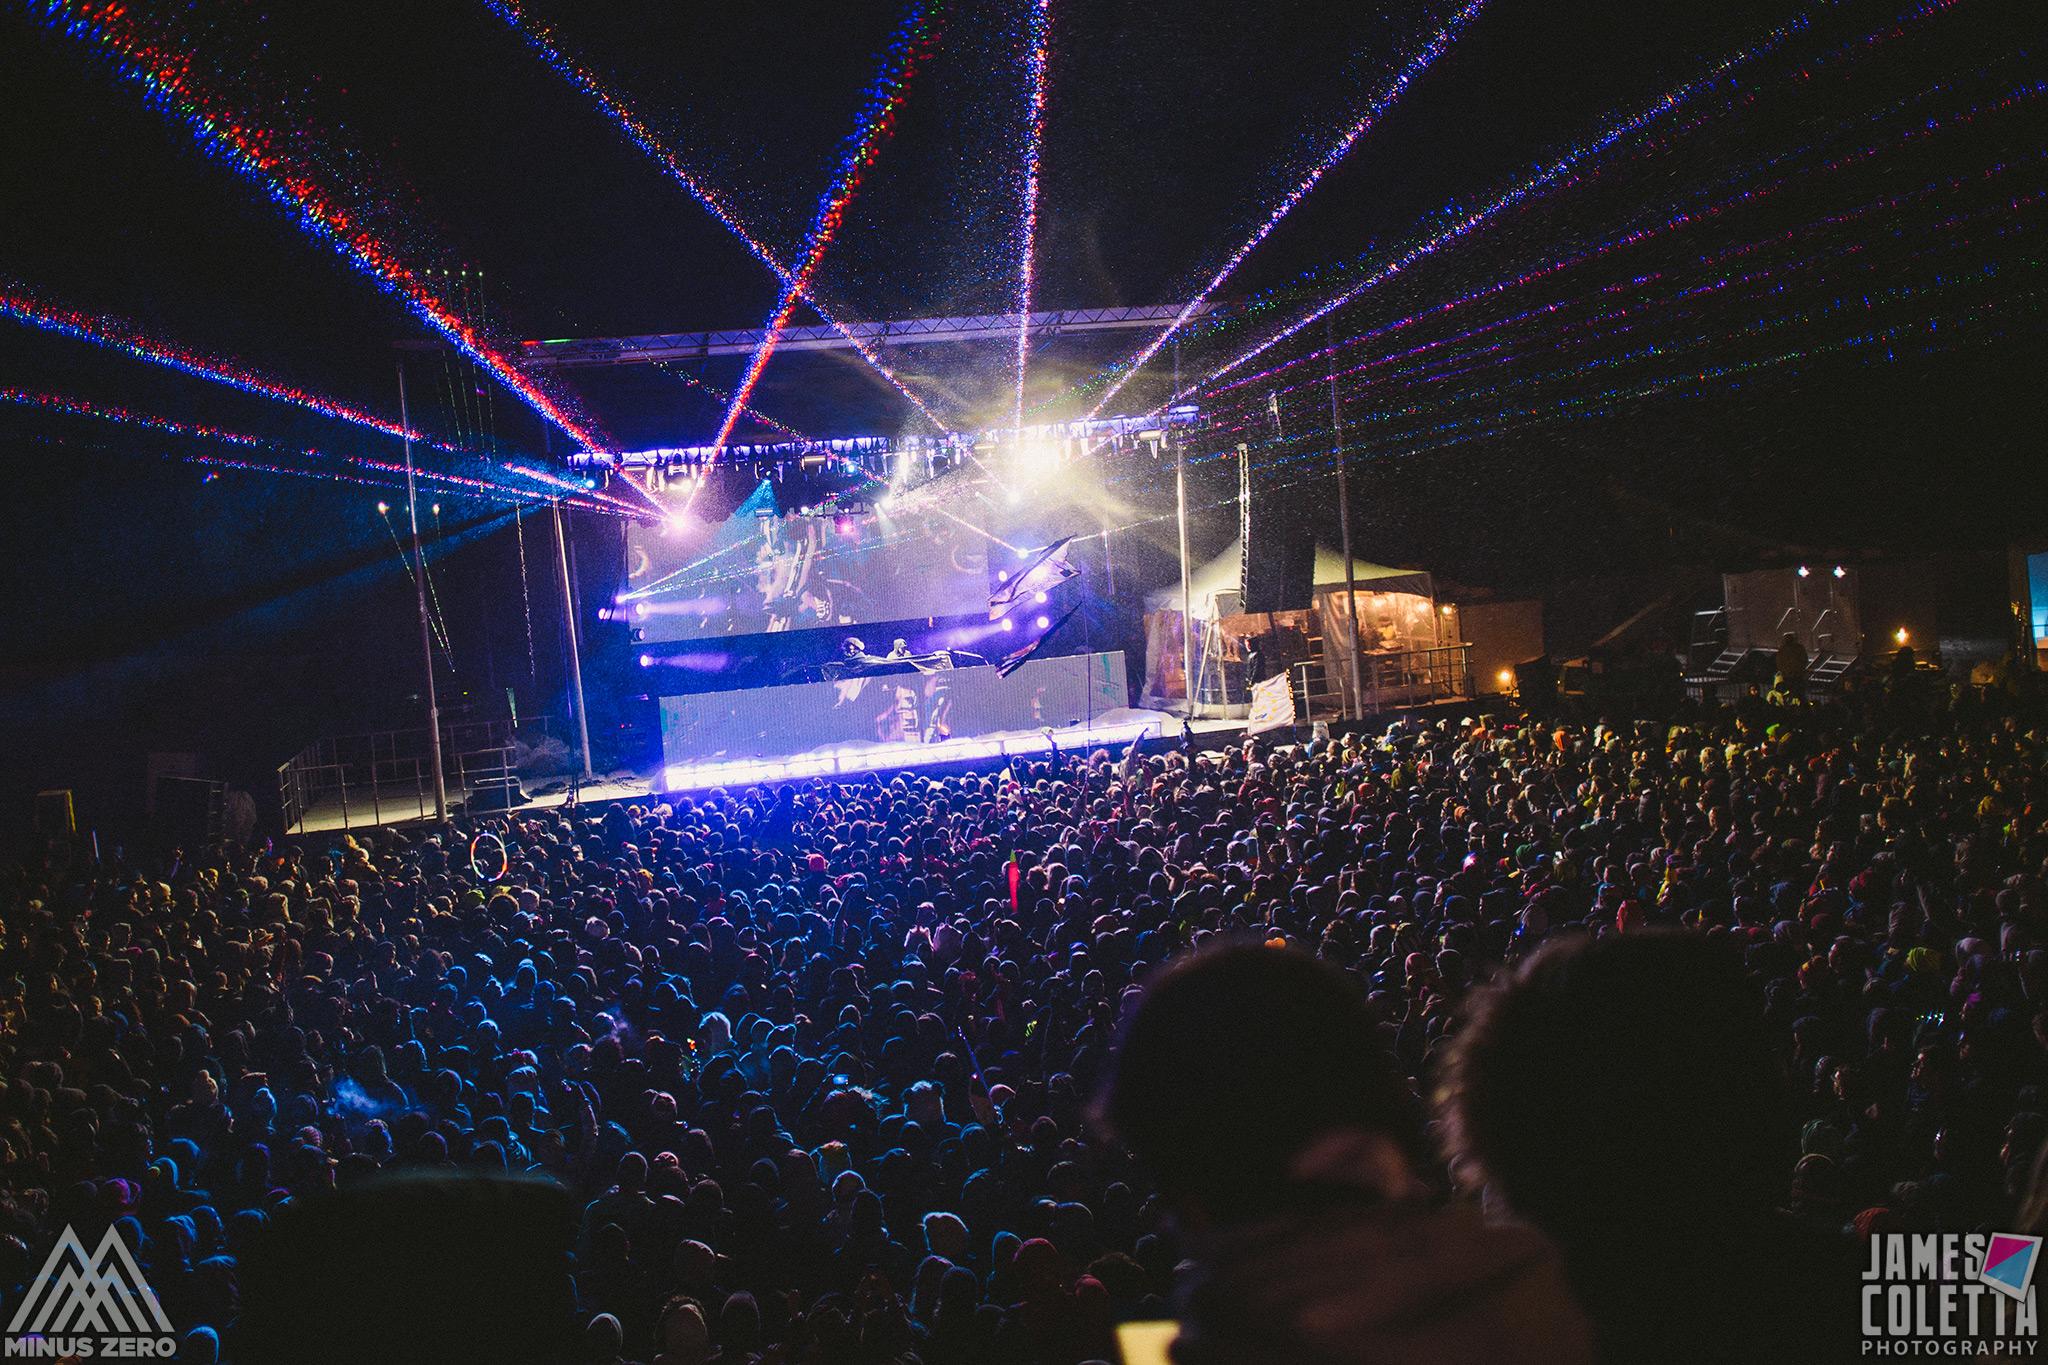 Concert Laser Lights Ski Resort Professi